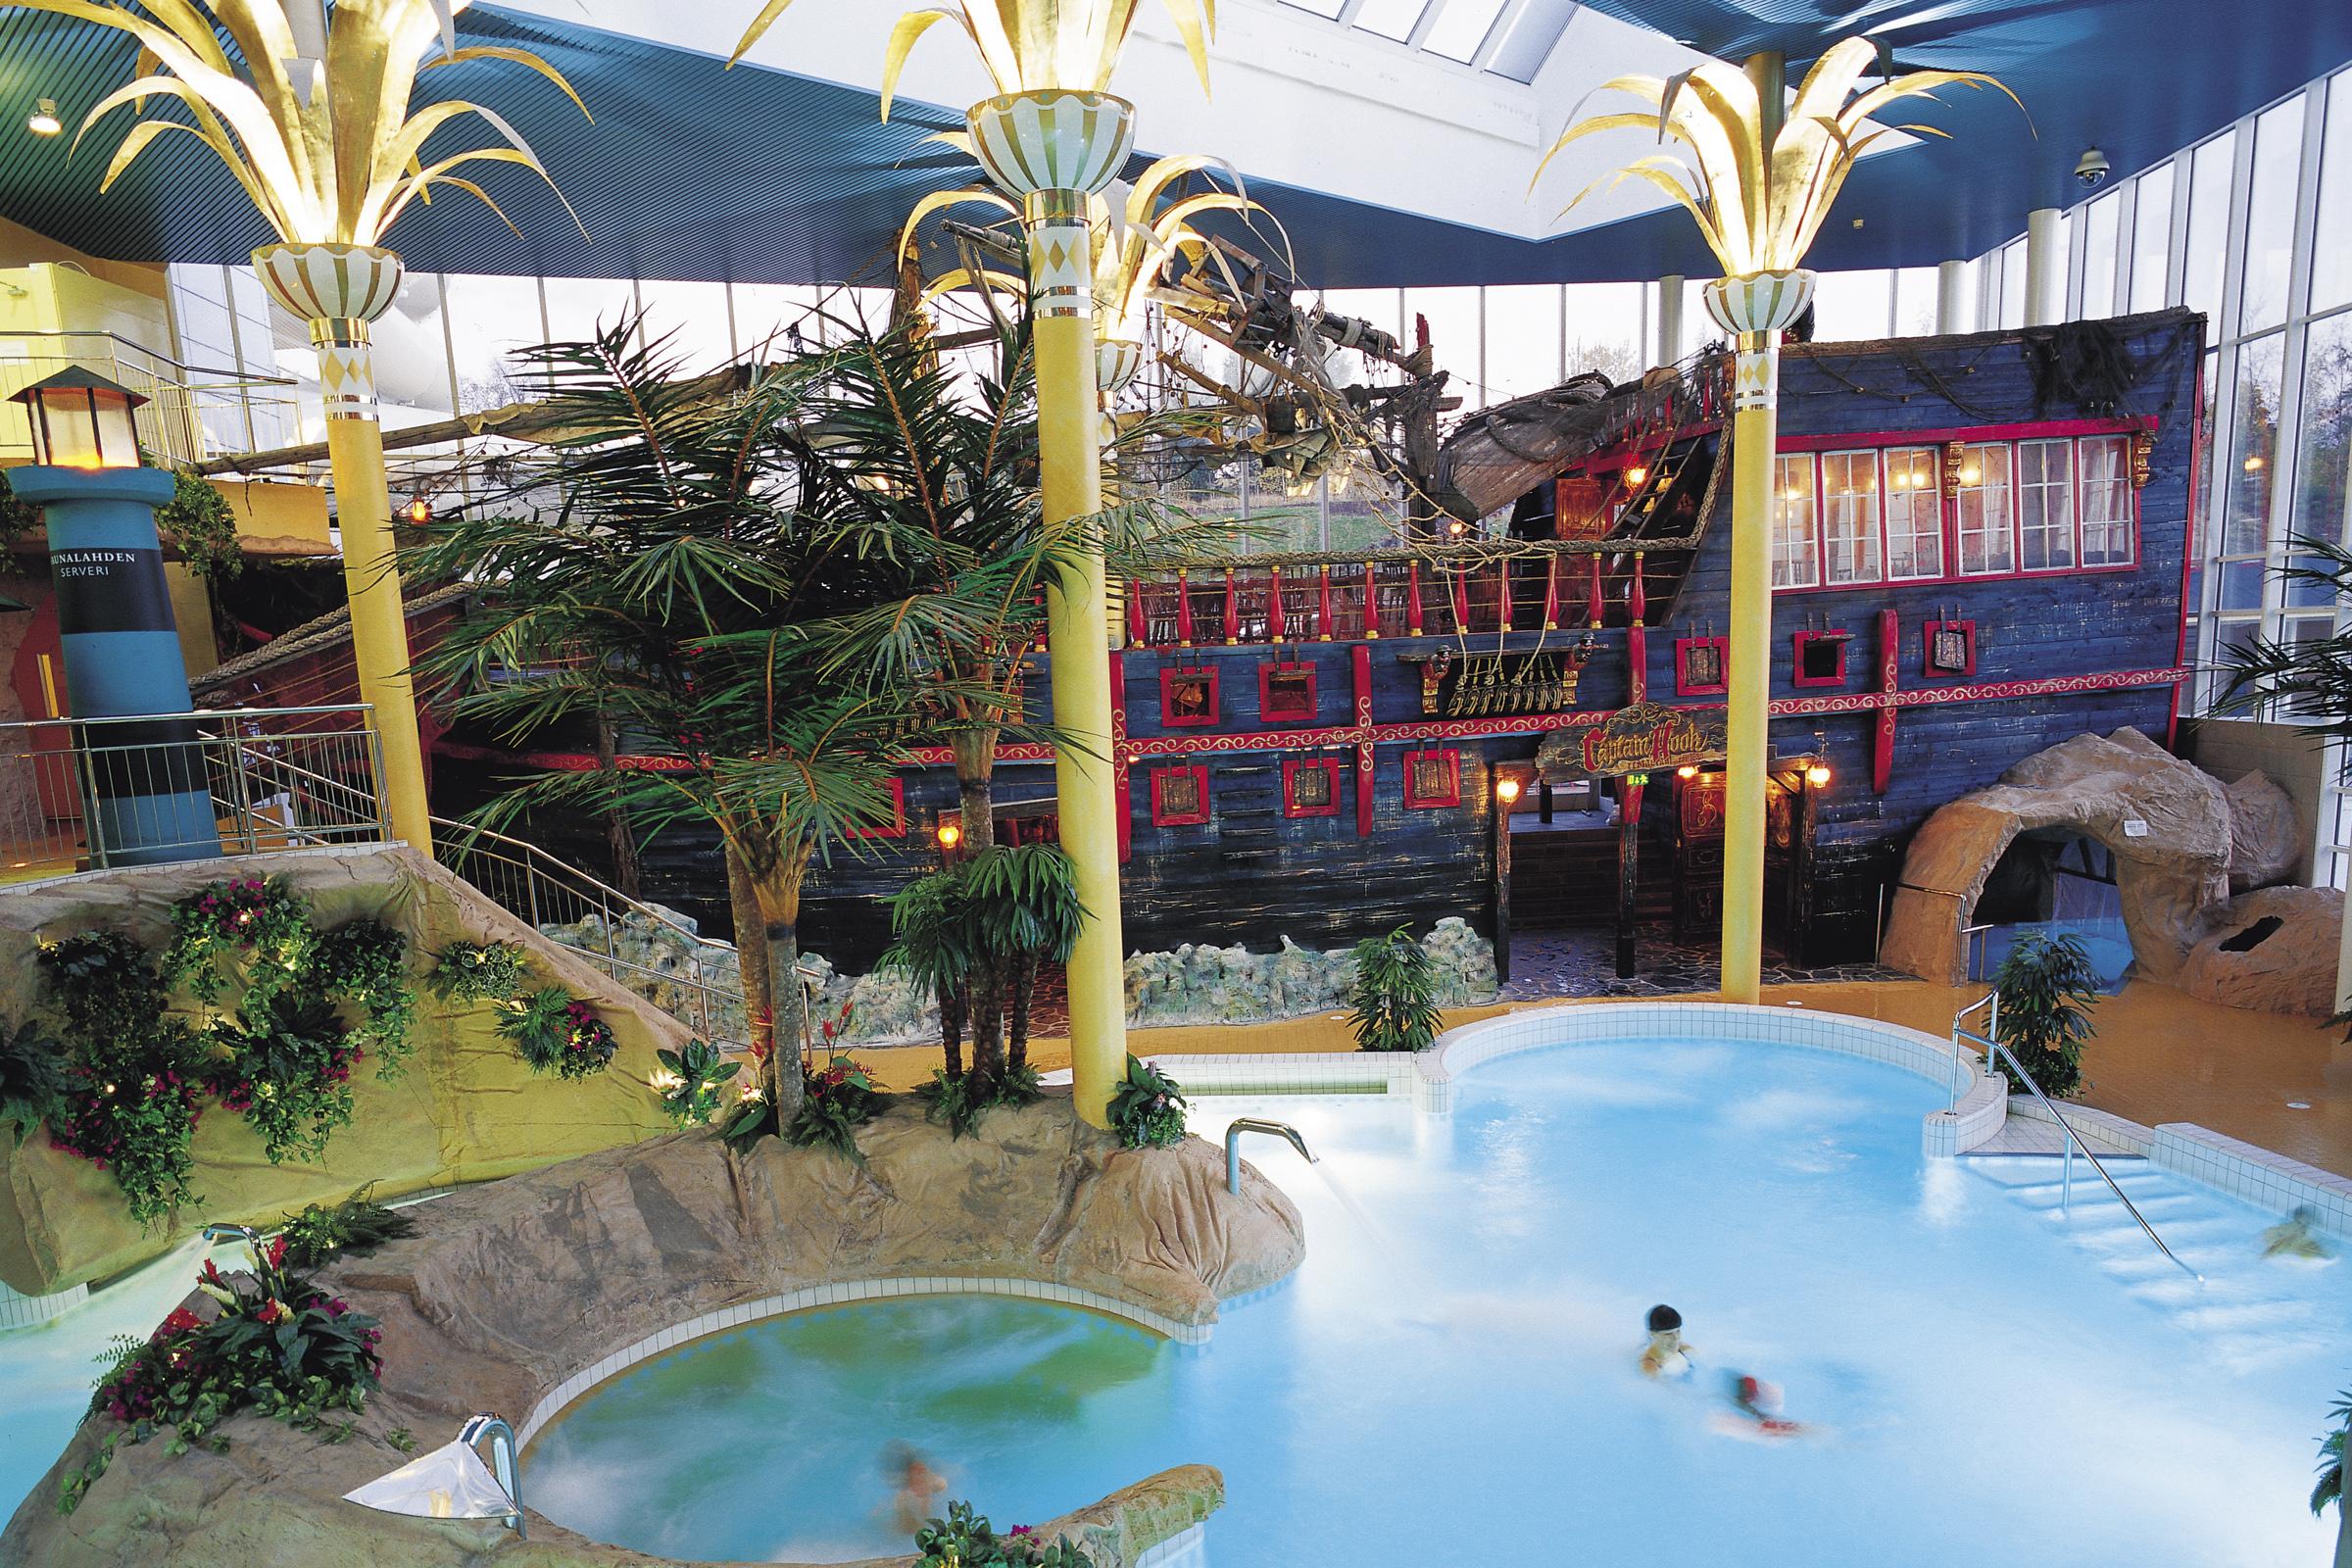 cinderella viking line pool